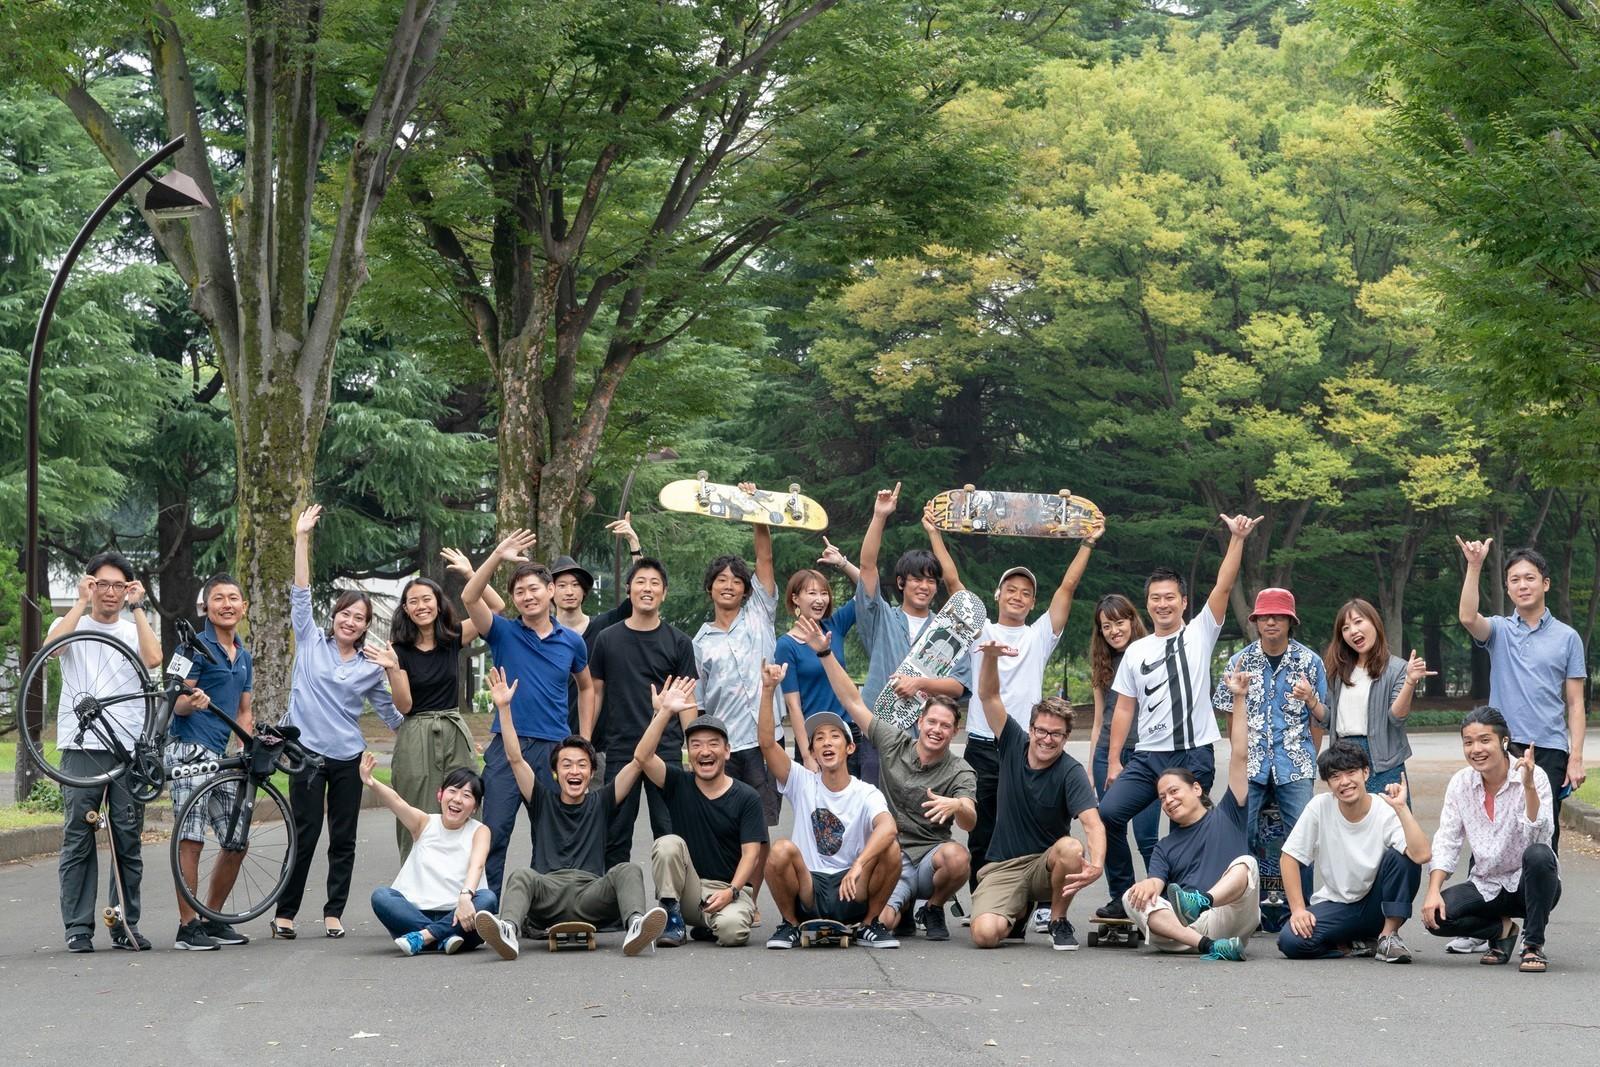 【アプリエンジニア】日本を代表するハードウェアスタートアップでハードとソフトを組み合わせて開発してみたいAndroidアプリエンジニアを募集!